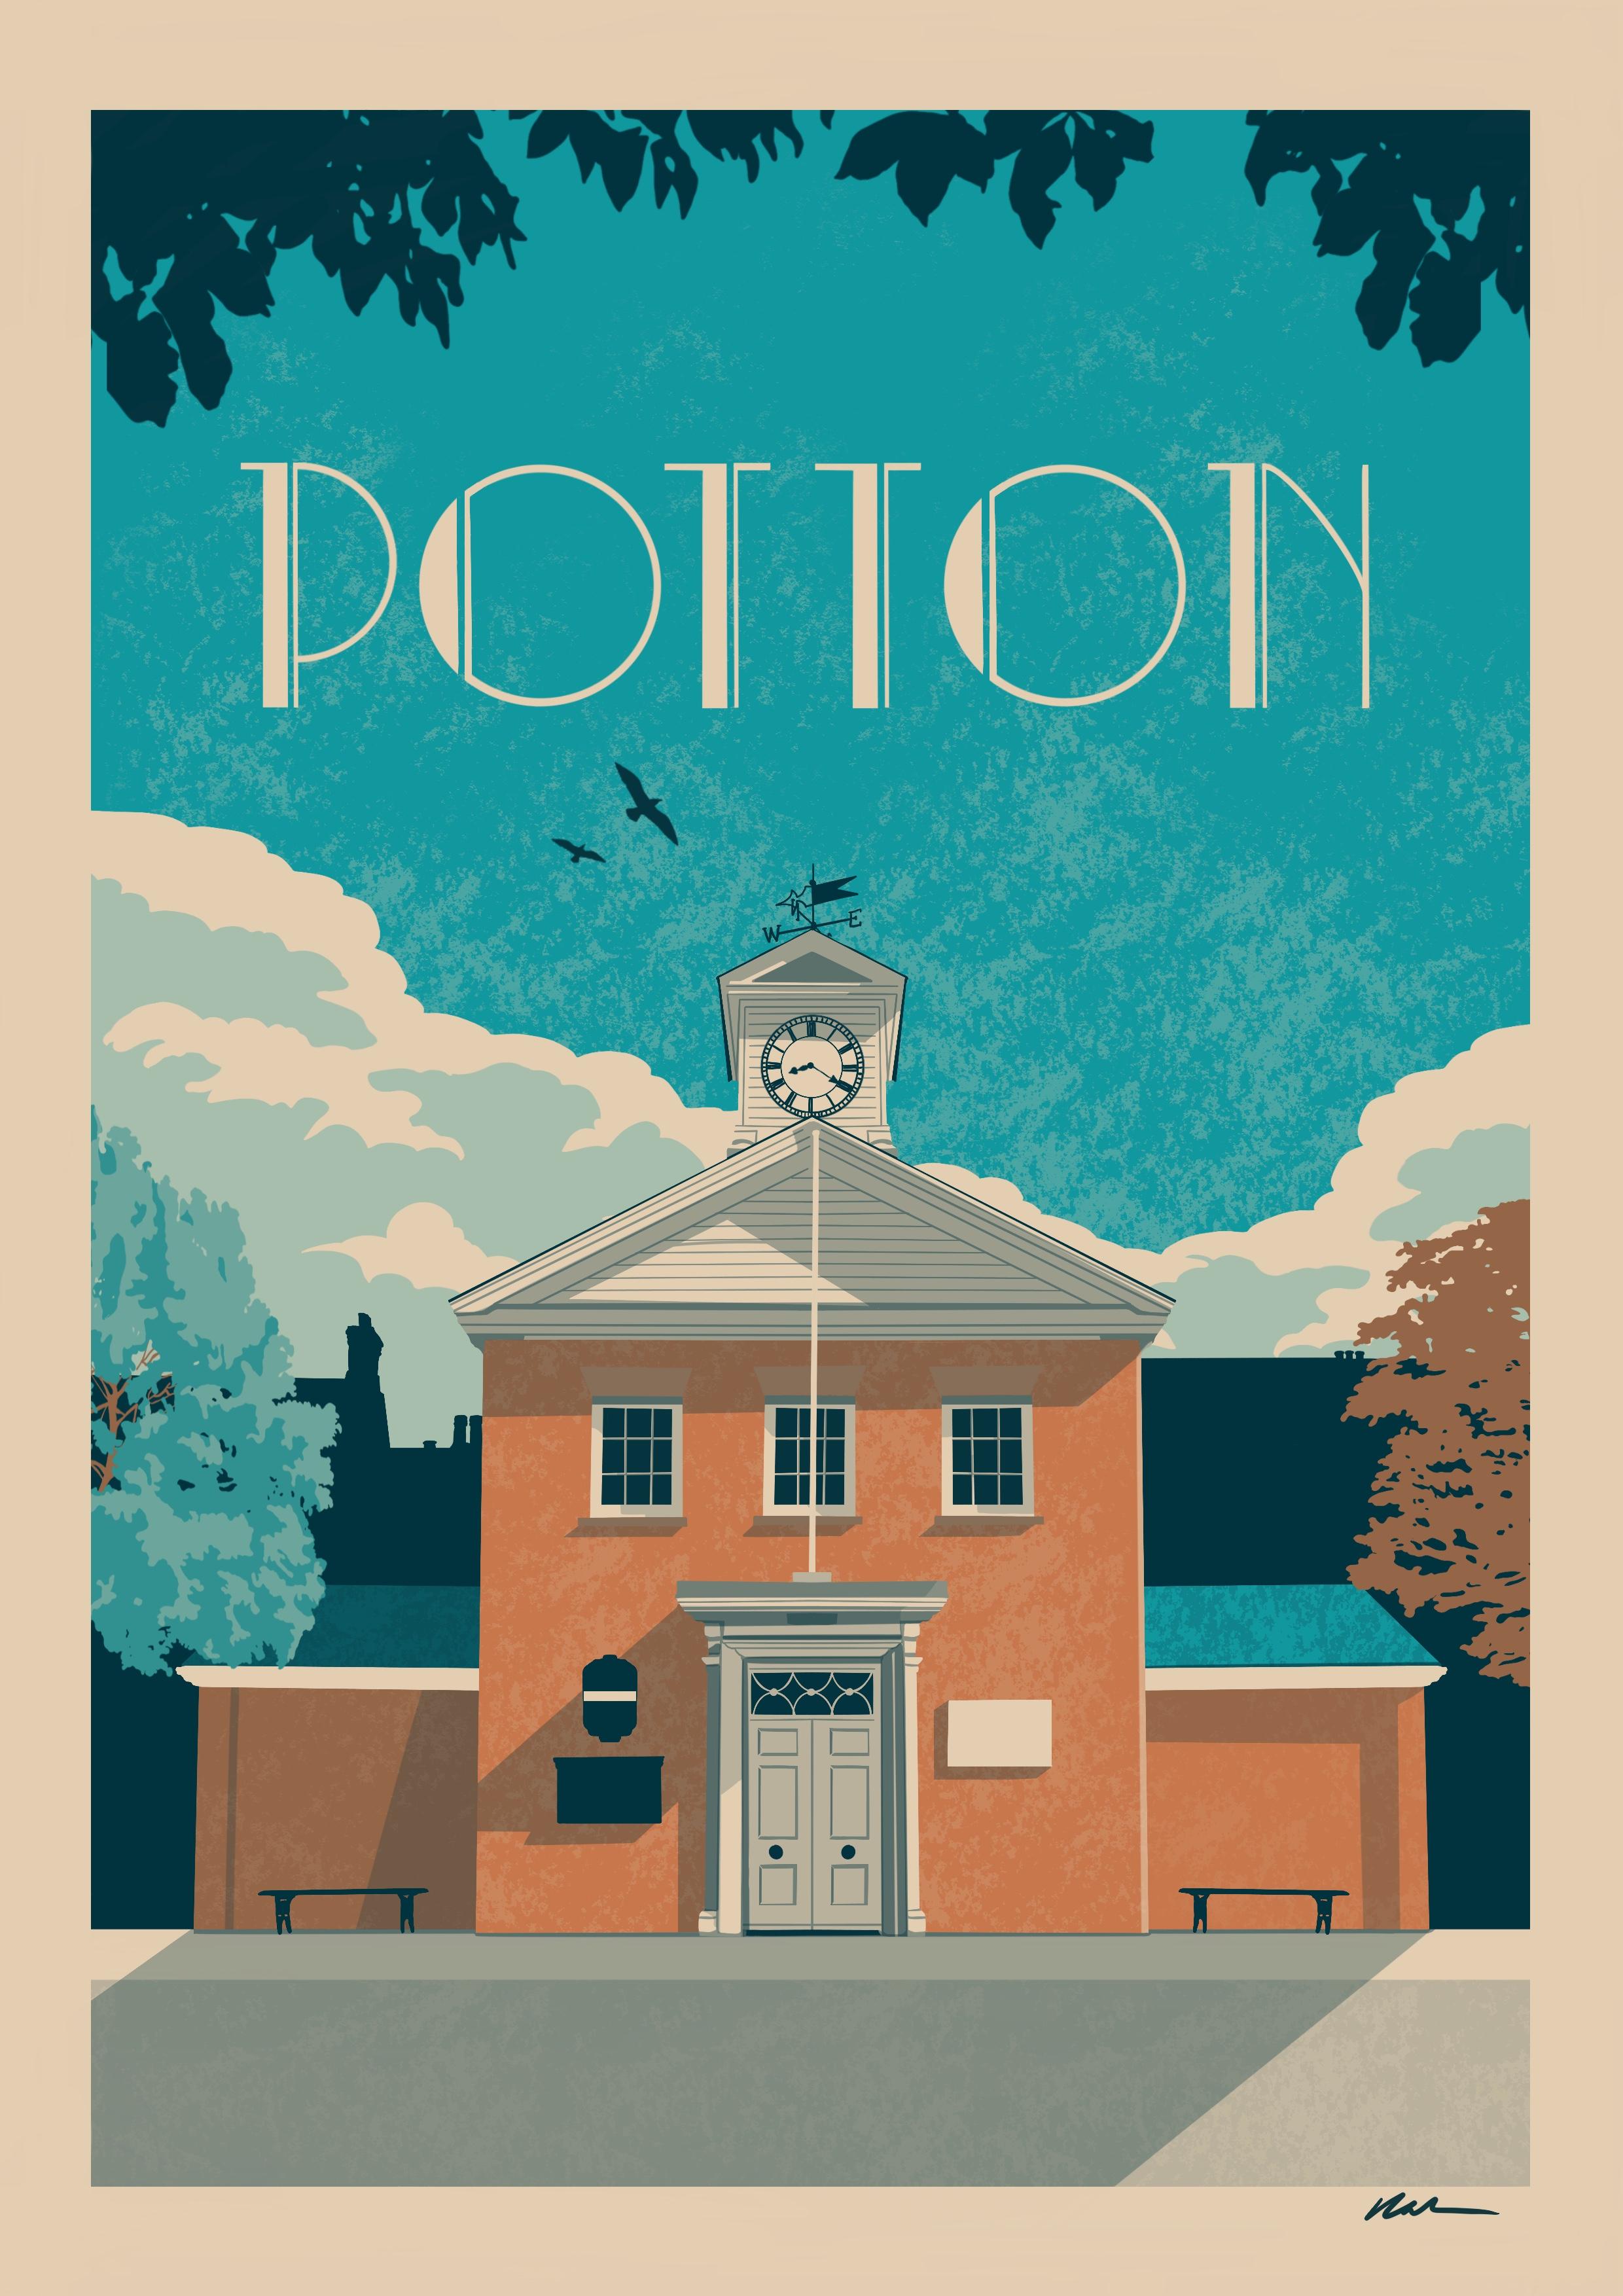 Potton Travel Poster